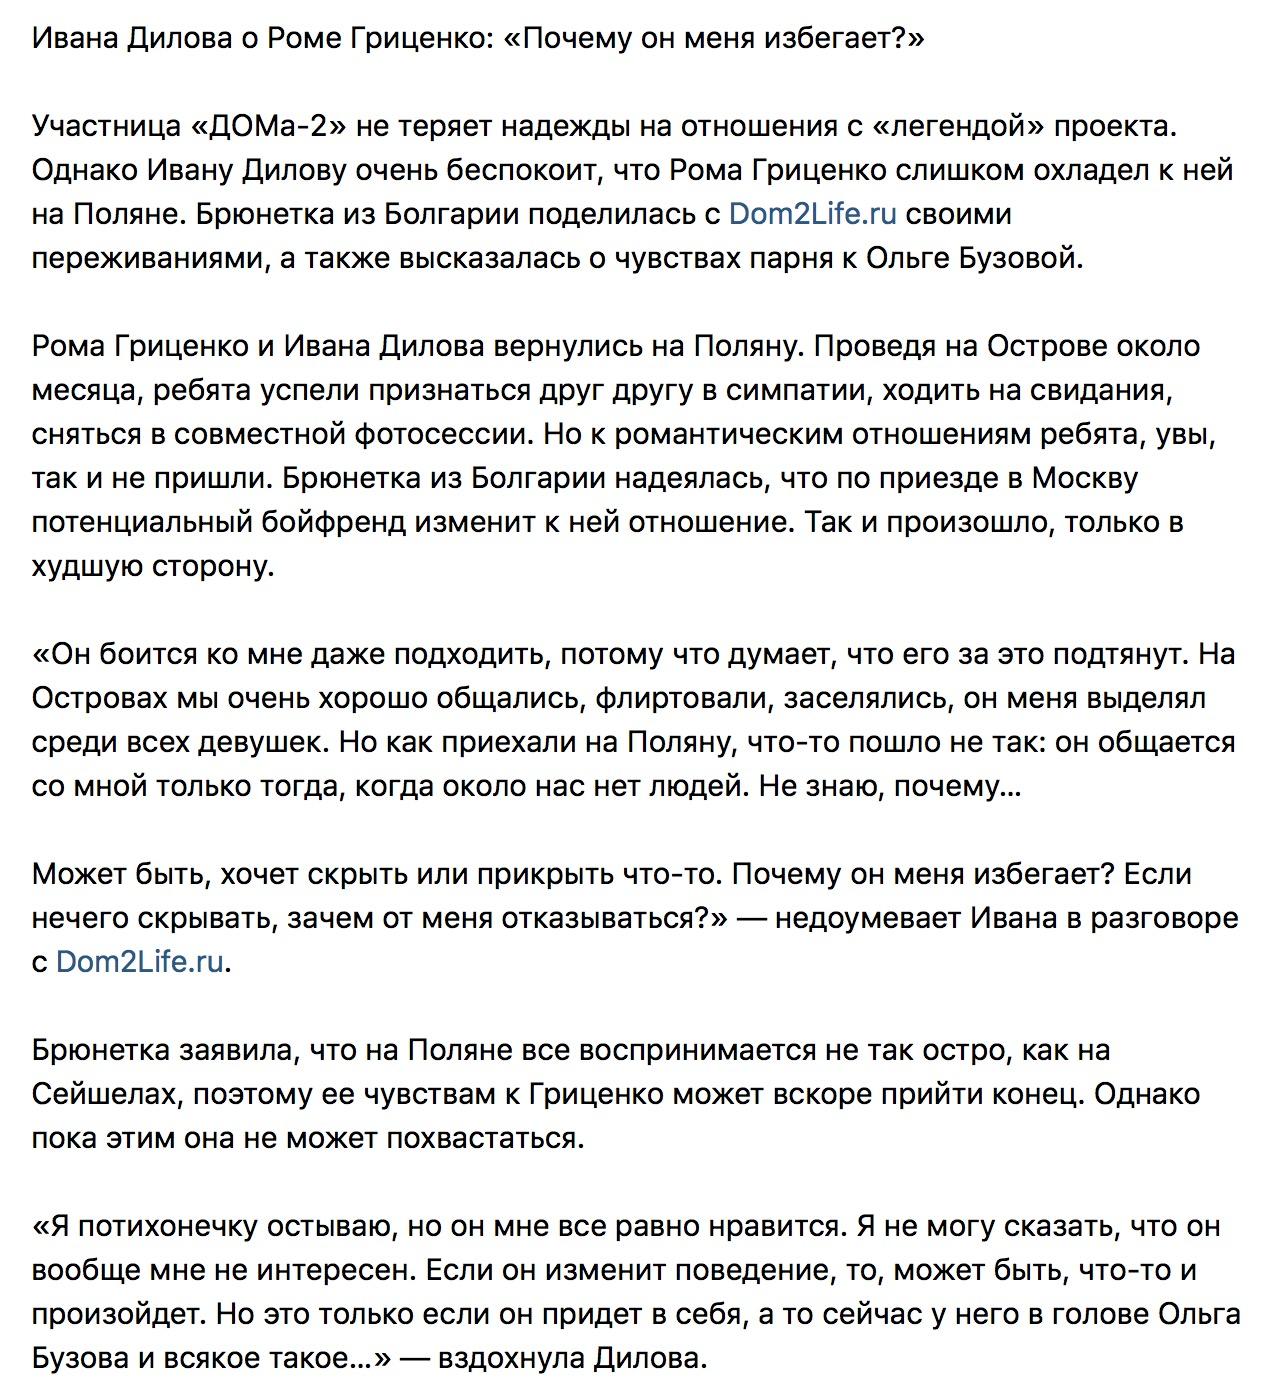 Почему Гриценко избегает Дилову